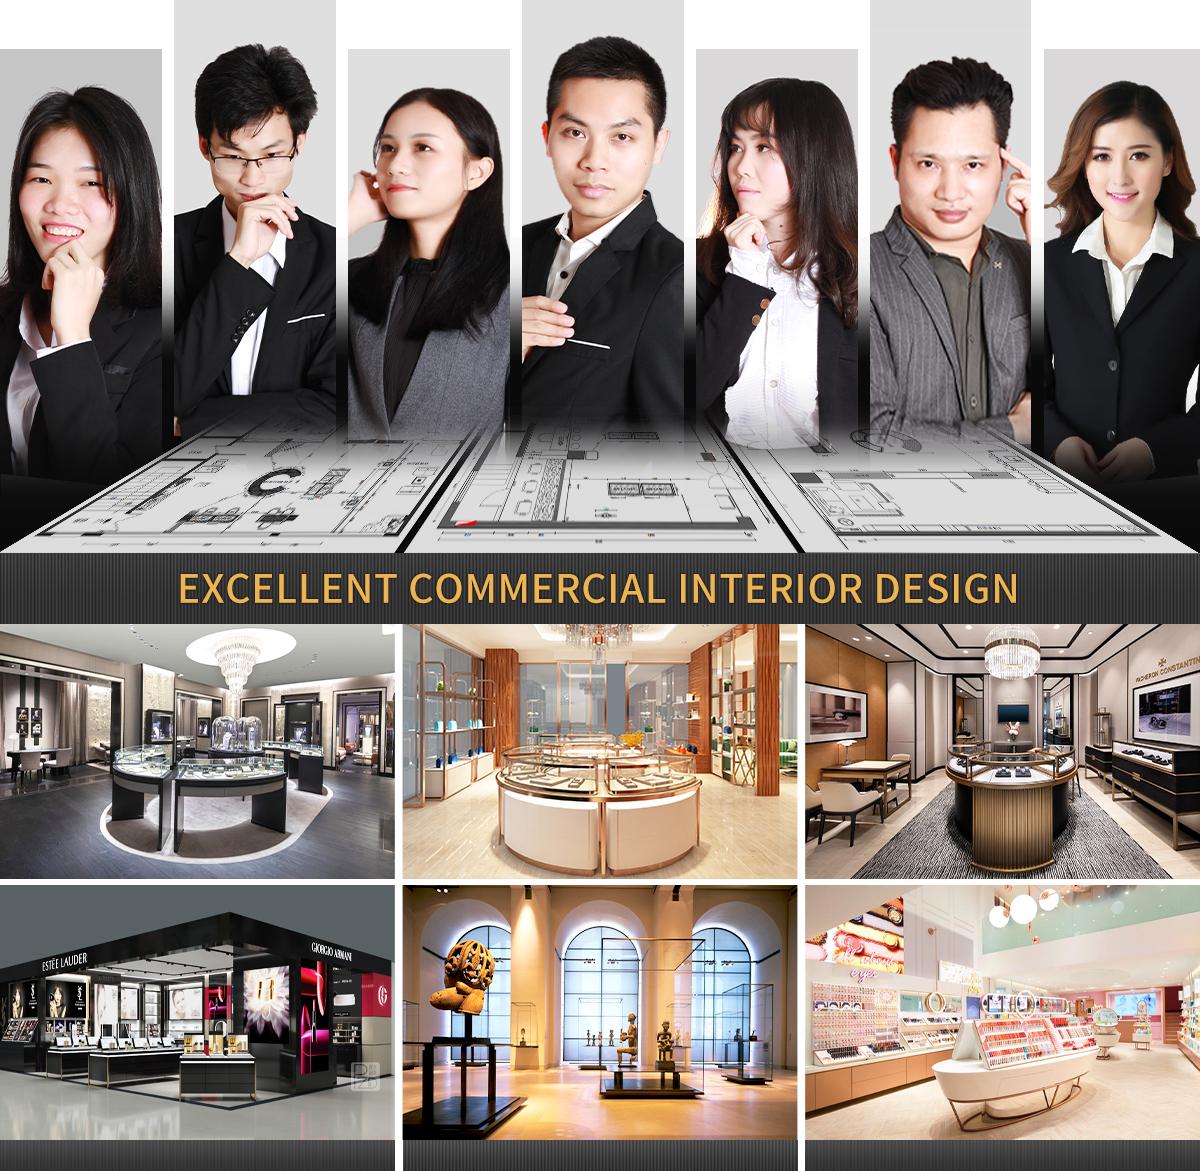 Original design team